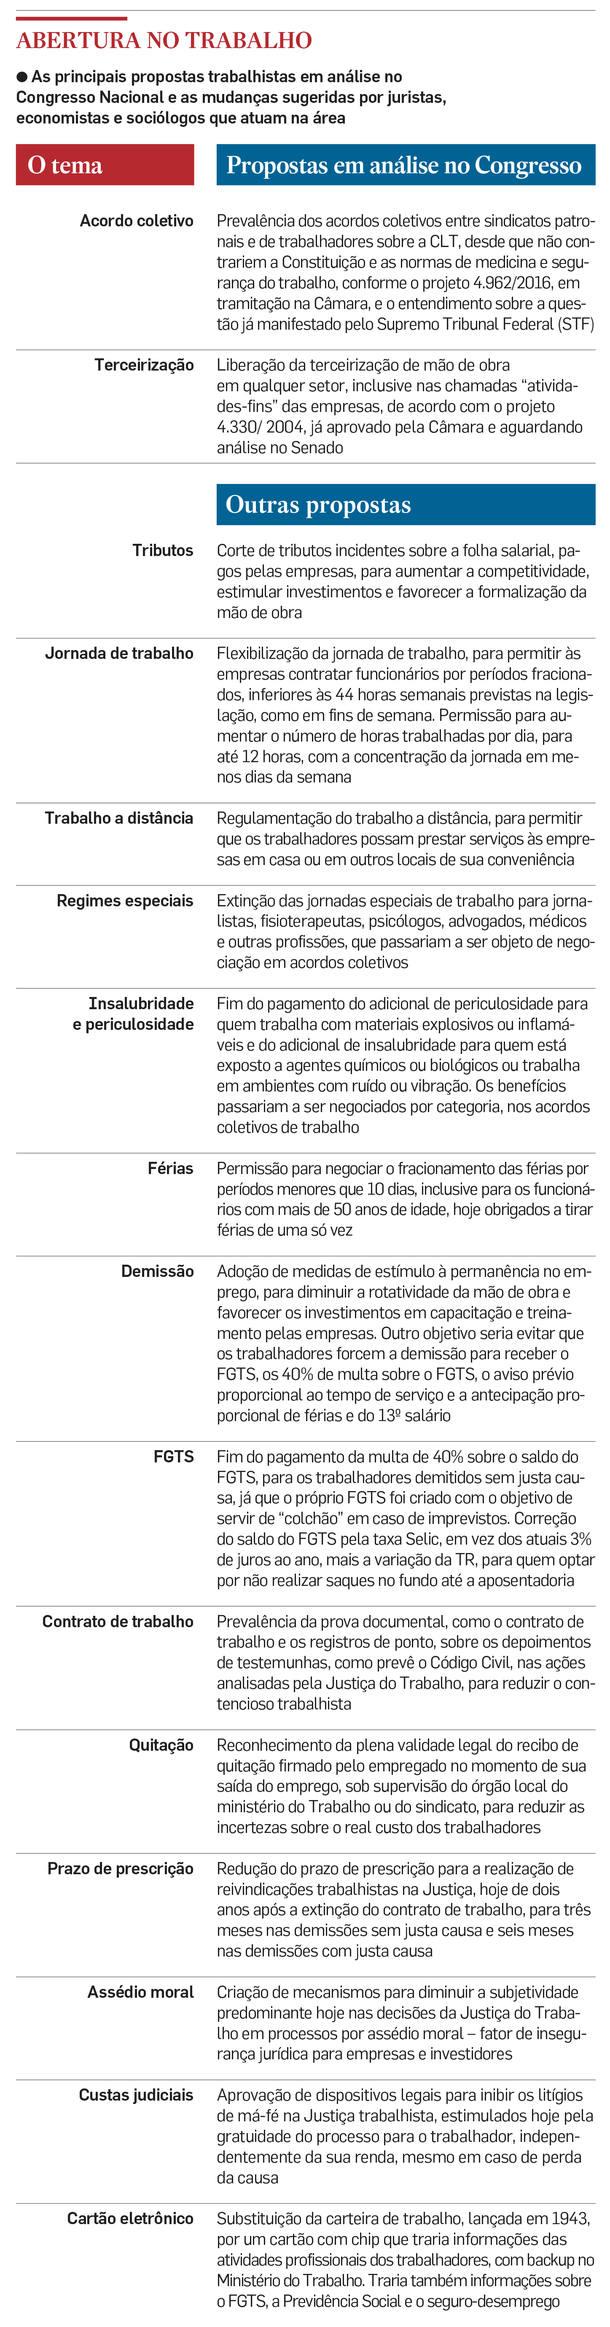 BROESP11: ESTADO-ECONOMIA-PAGINAS [B24H] ... 30/10/16